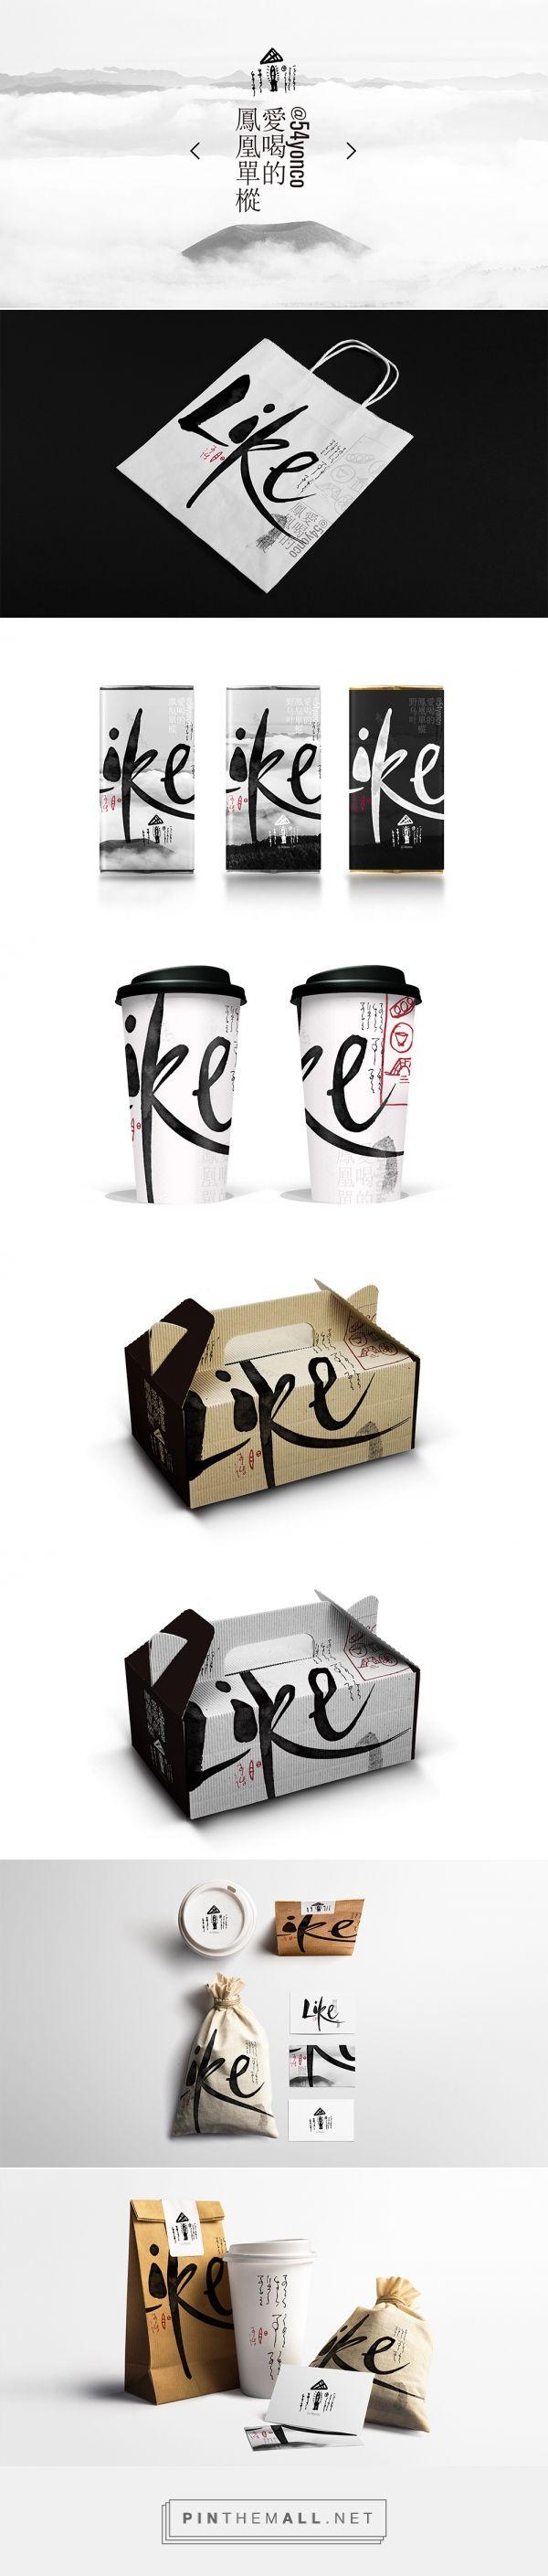 爱喝的凤凰单枞茶 on Behance by 54yonco 杨国柱, Chaozhou, China curated by Packaging Diva PD. I like it branding, calligraphy, packaging.